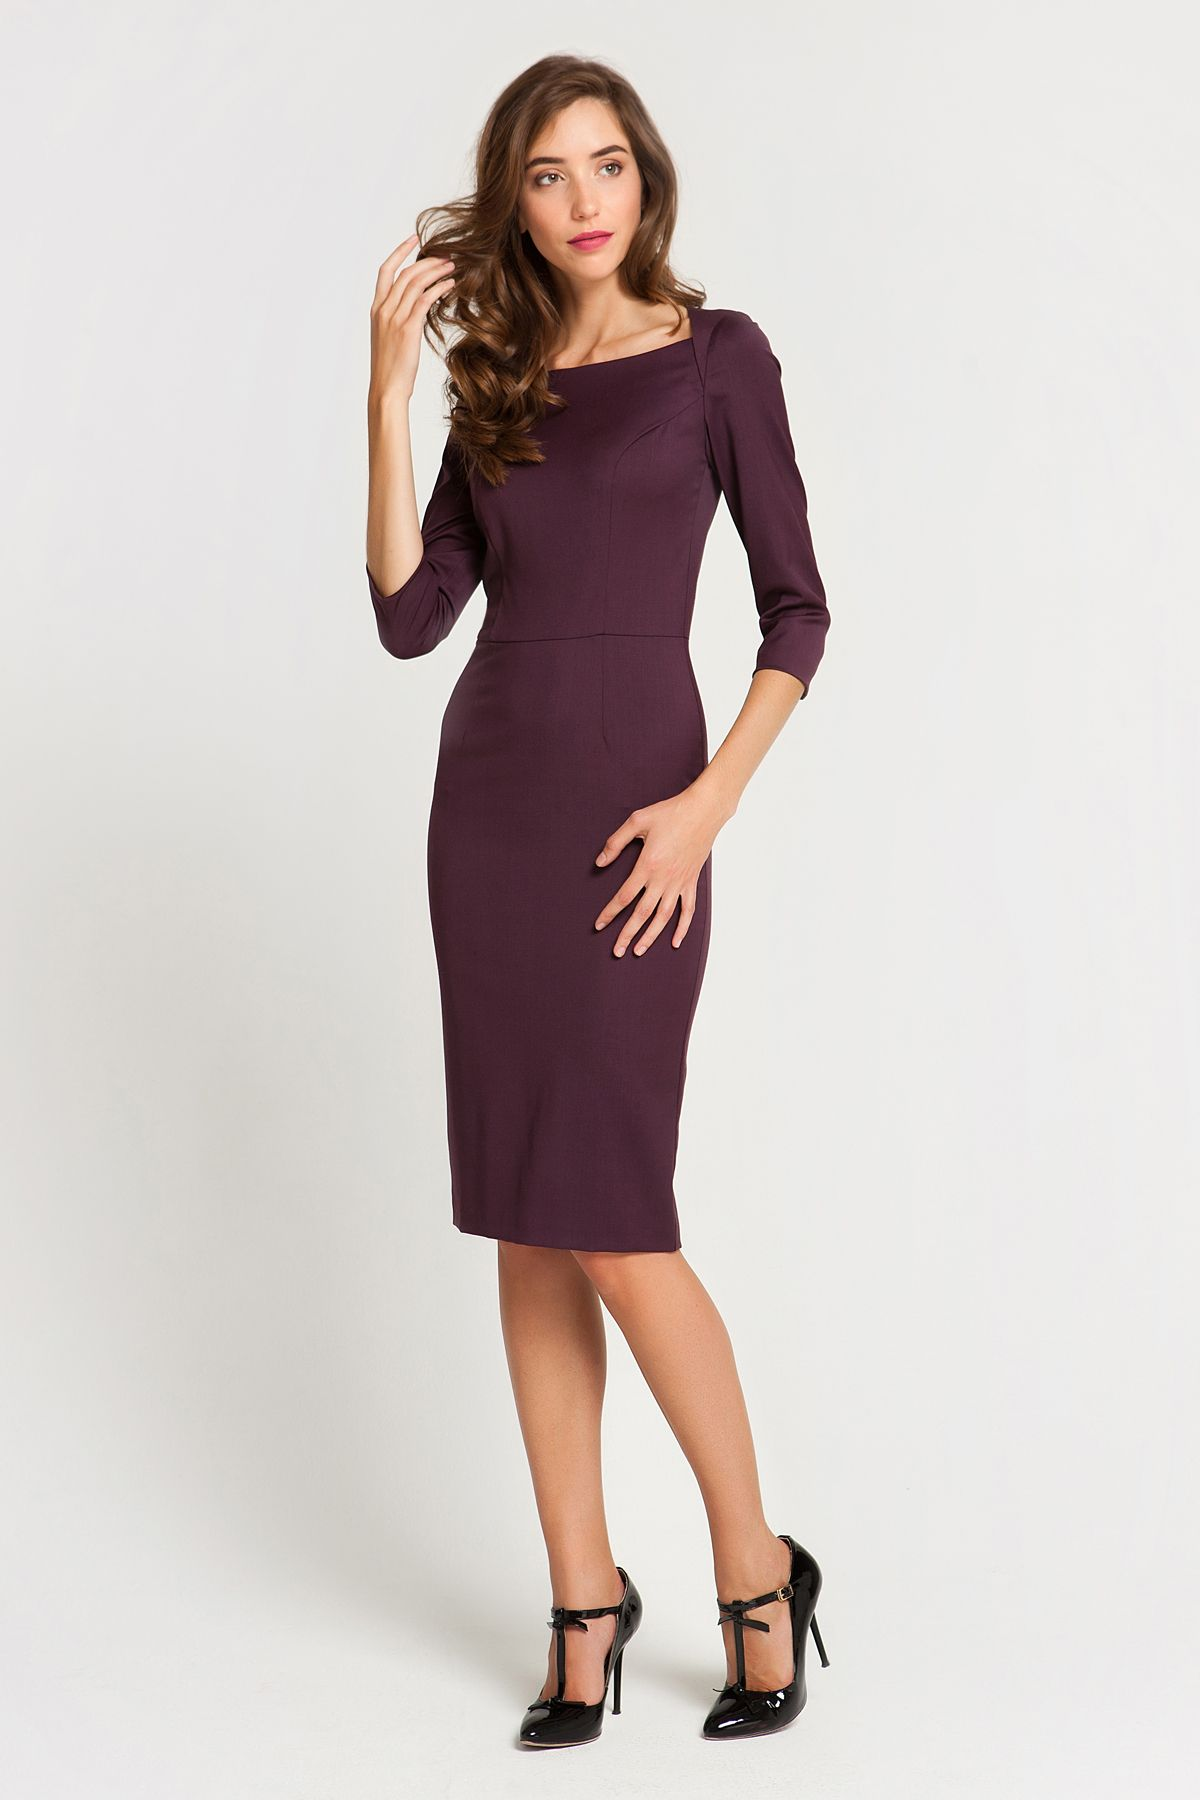 966f2f12386 1886 Платье-футляр бордового цвета с v-образным вырезом купить в Украине